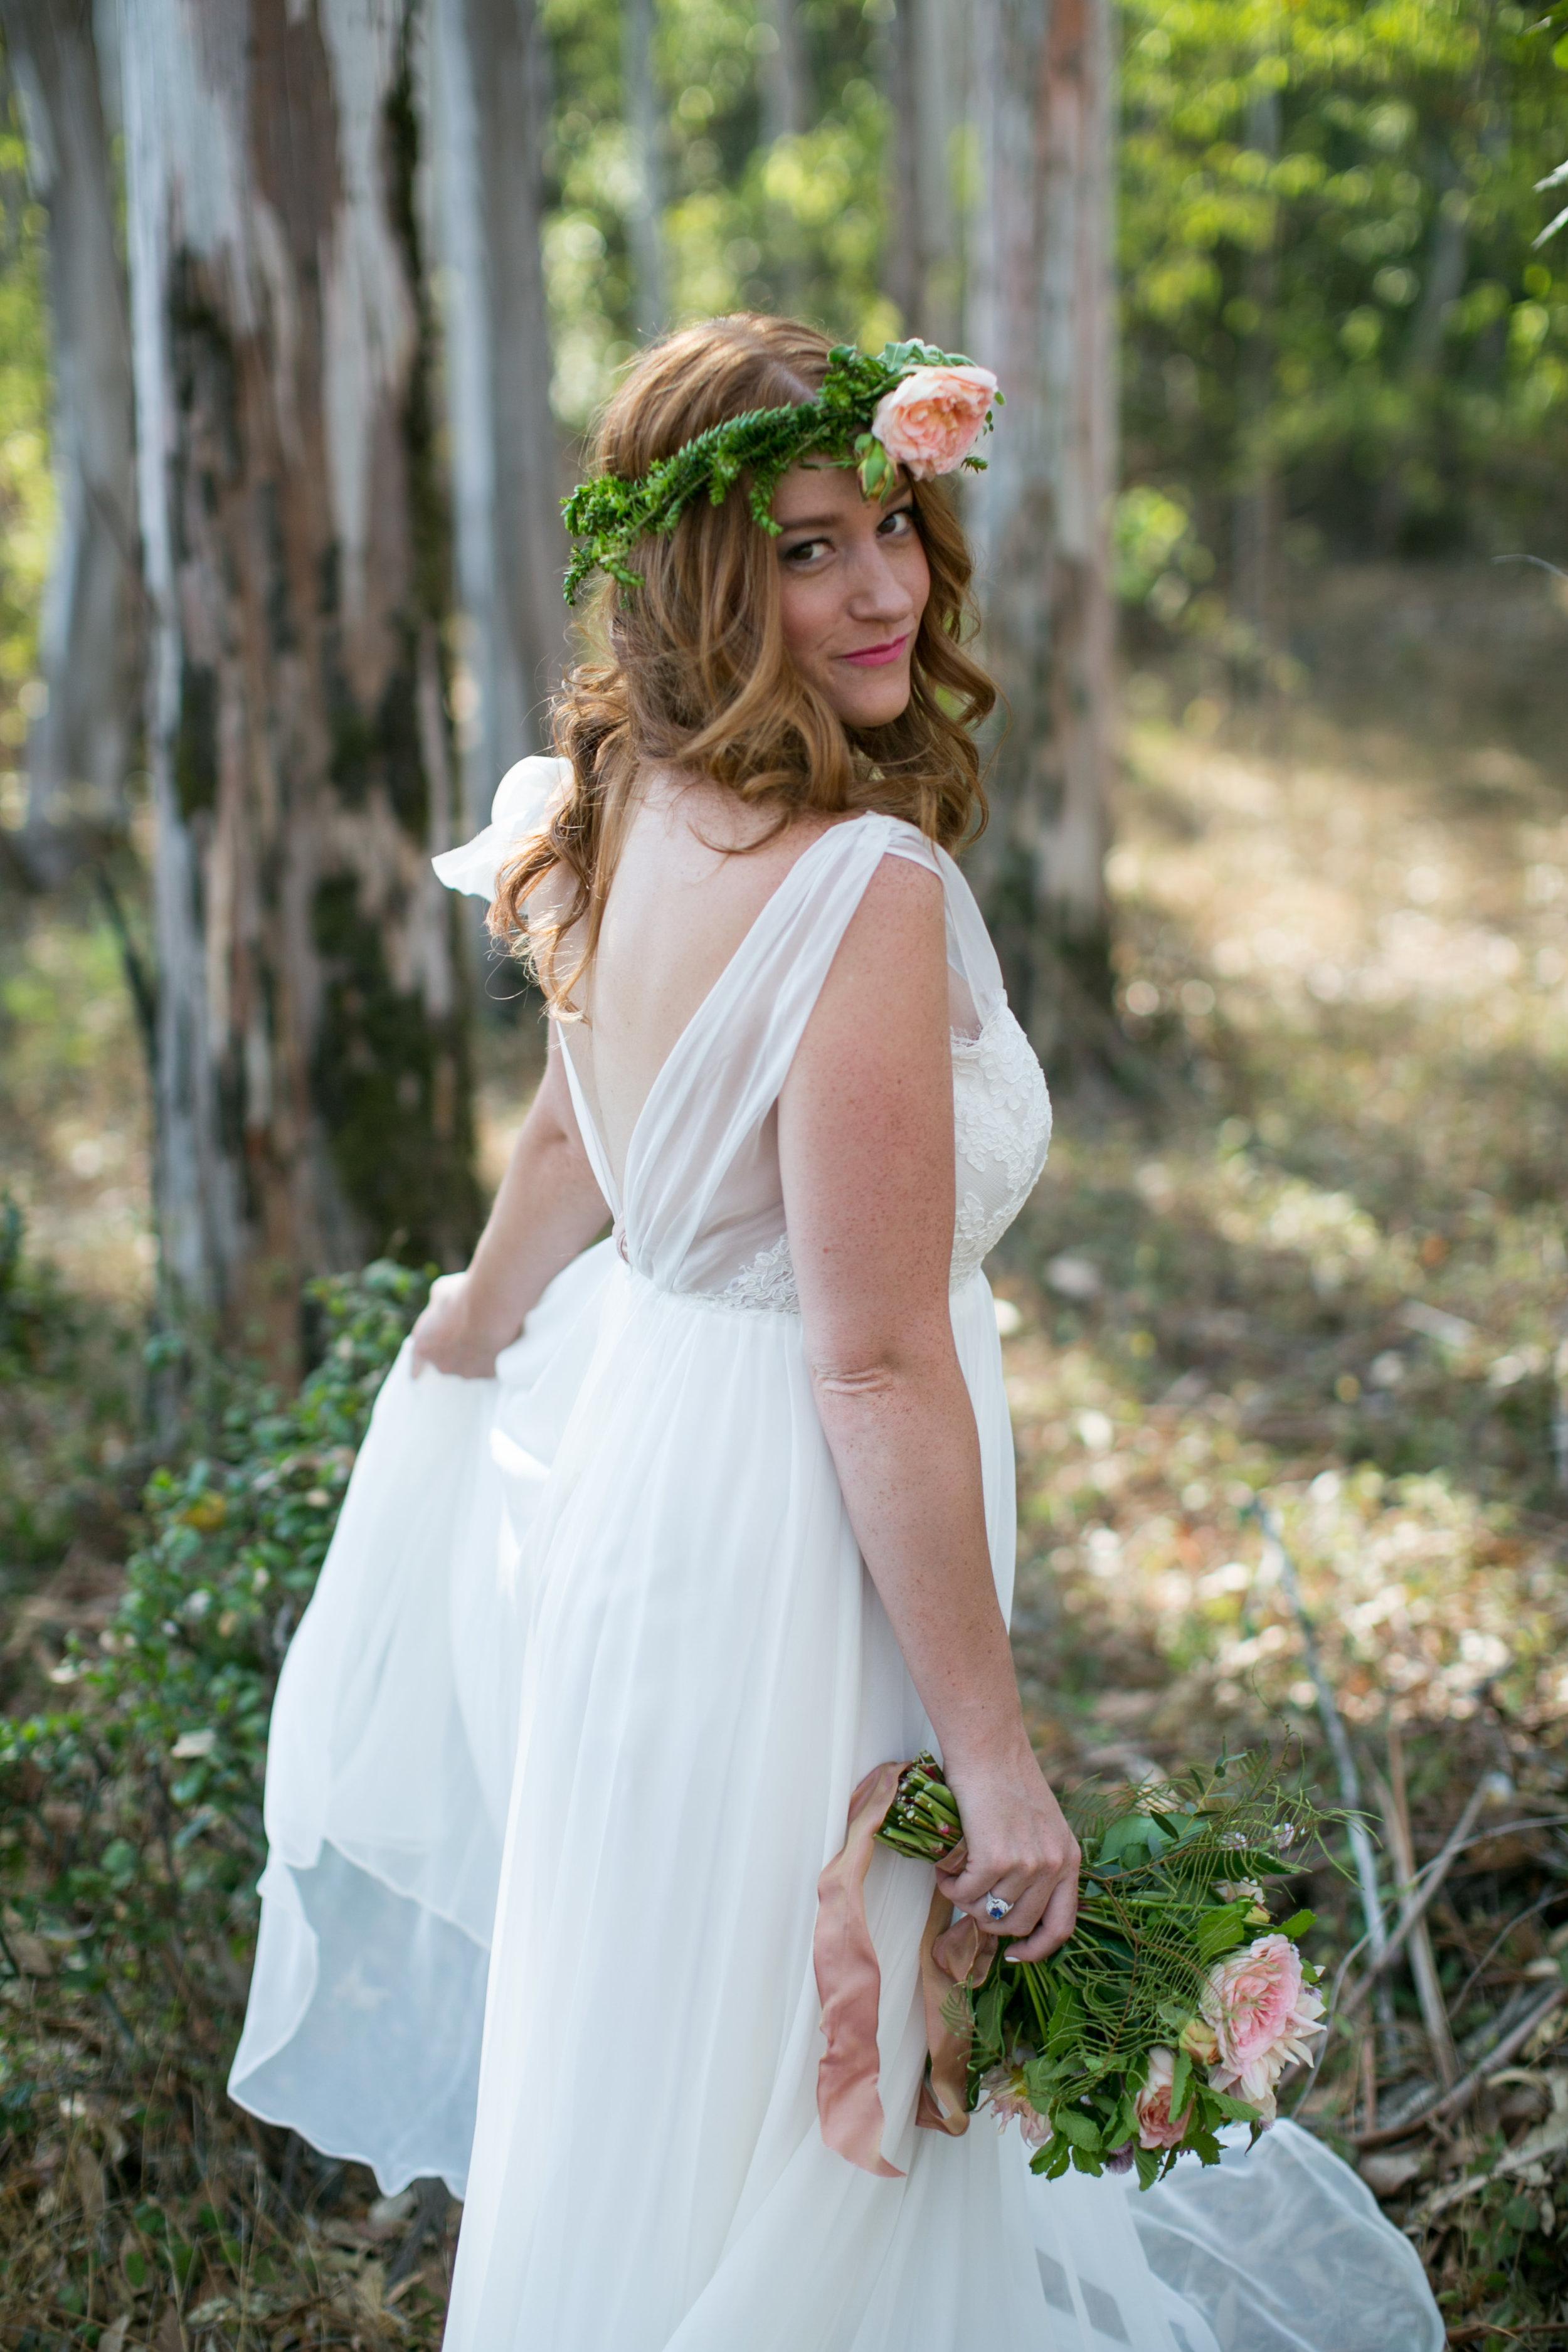 Red Head Bride.jpg